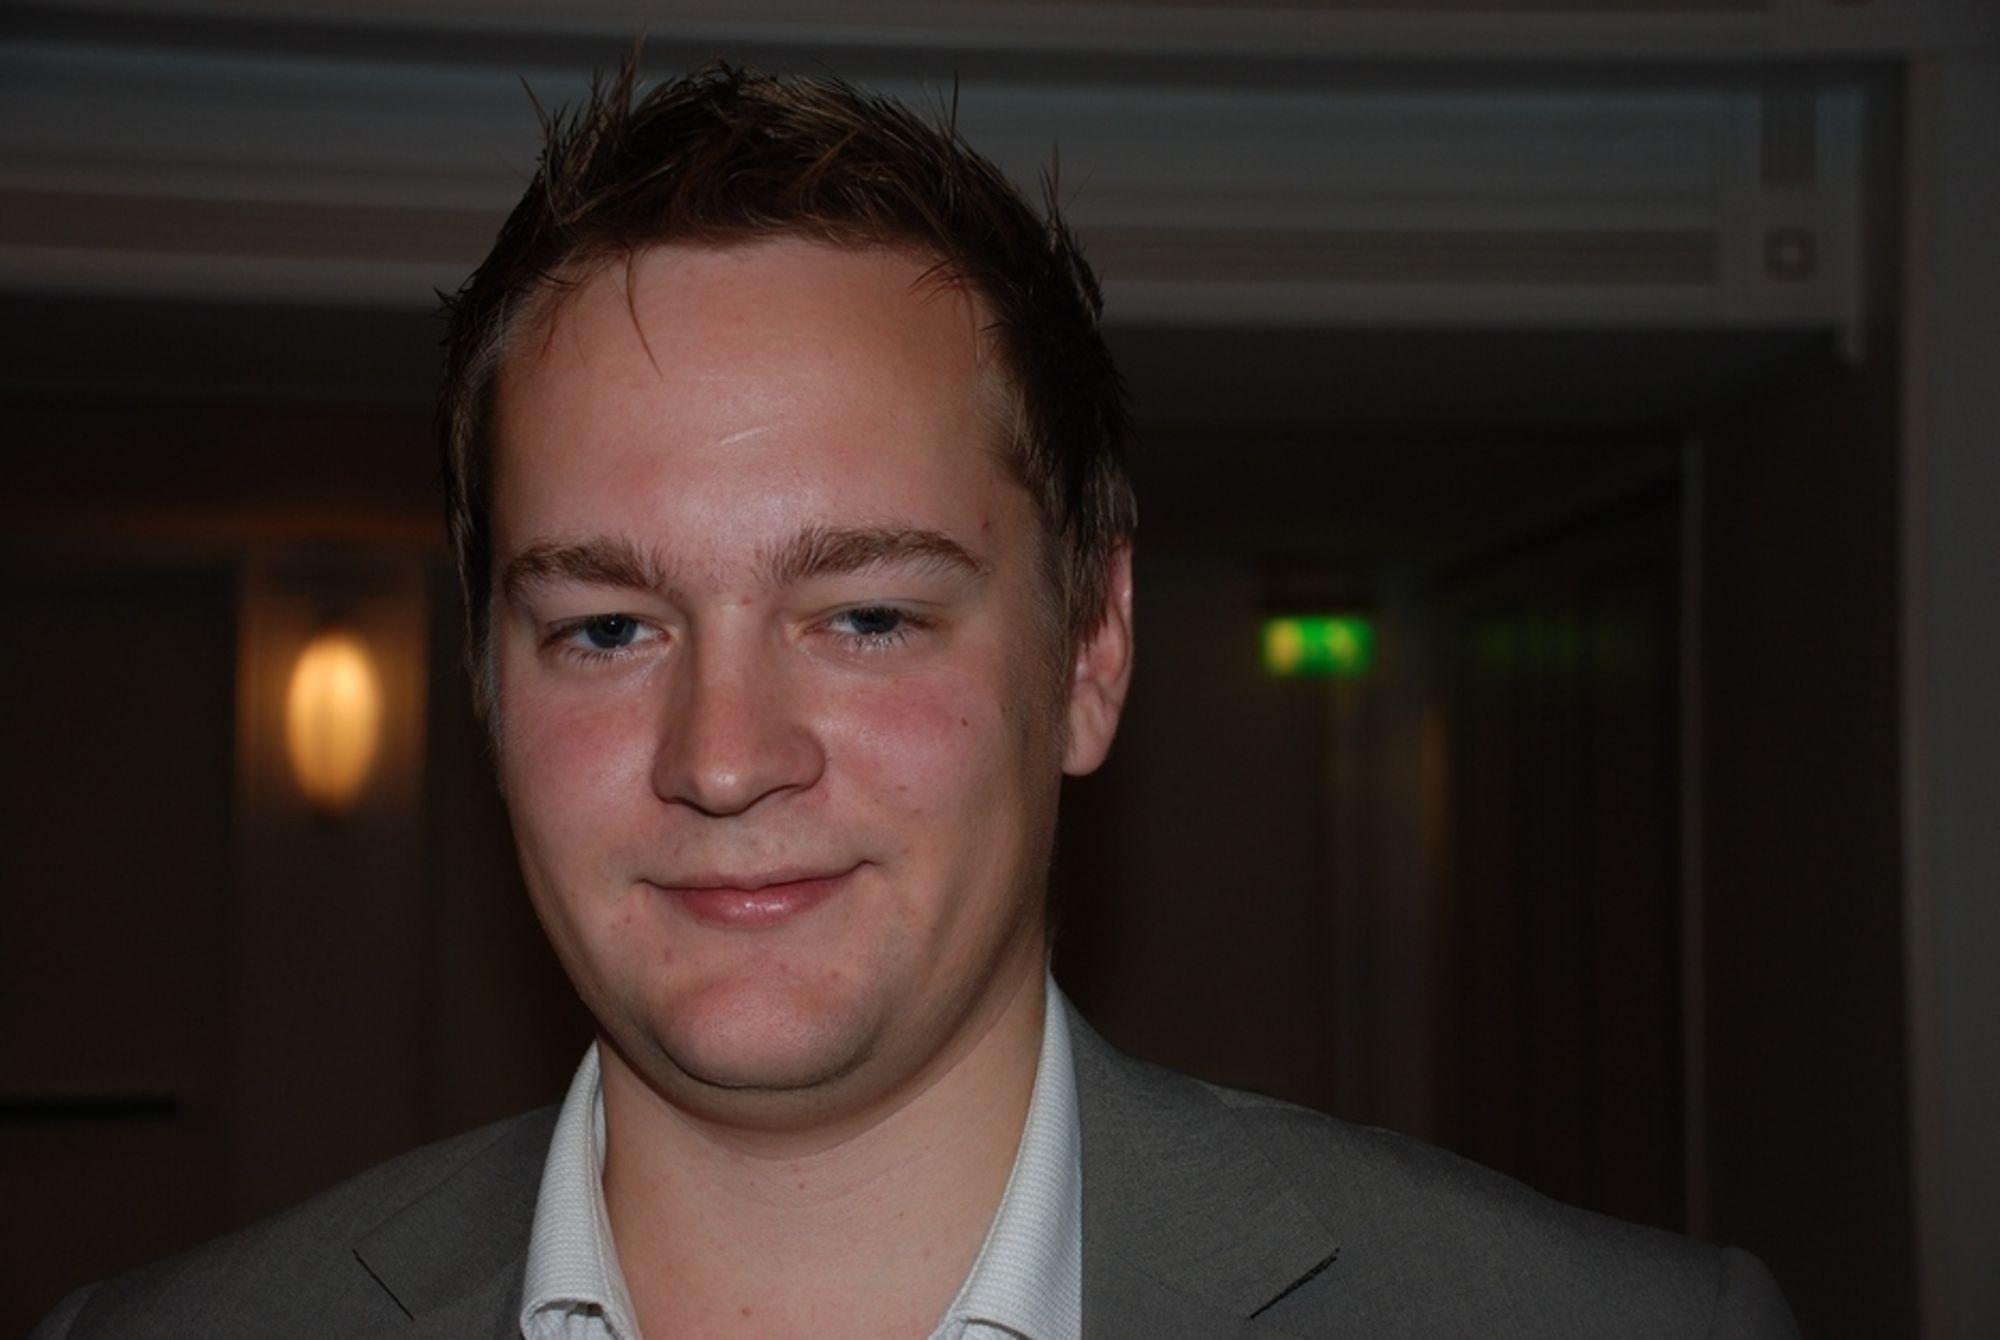 KONKRETE PLANER: Politisk rådgiver Ivar Vigdenes i Olje- og energidepartementet forsikrer om at regjeringen har konkrete planer for hvordan kraftsituasjonen i Midt-Norge skal løses.